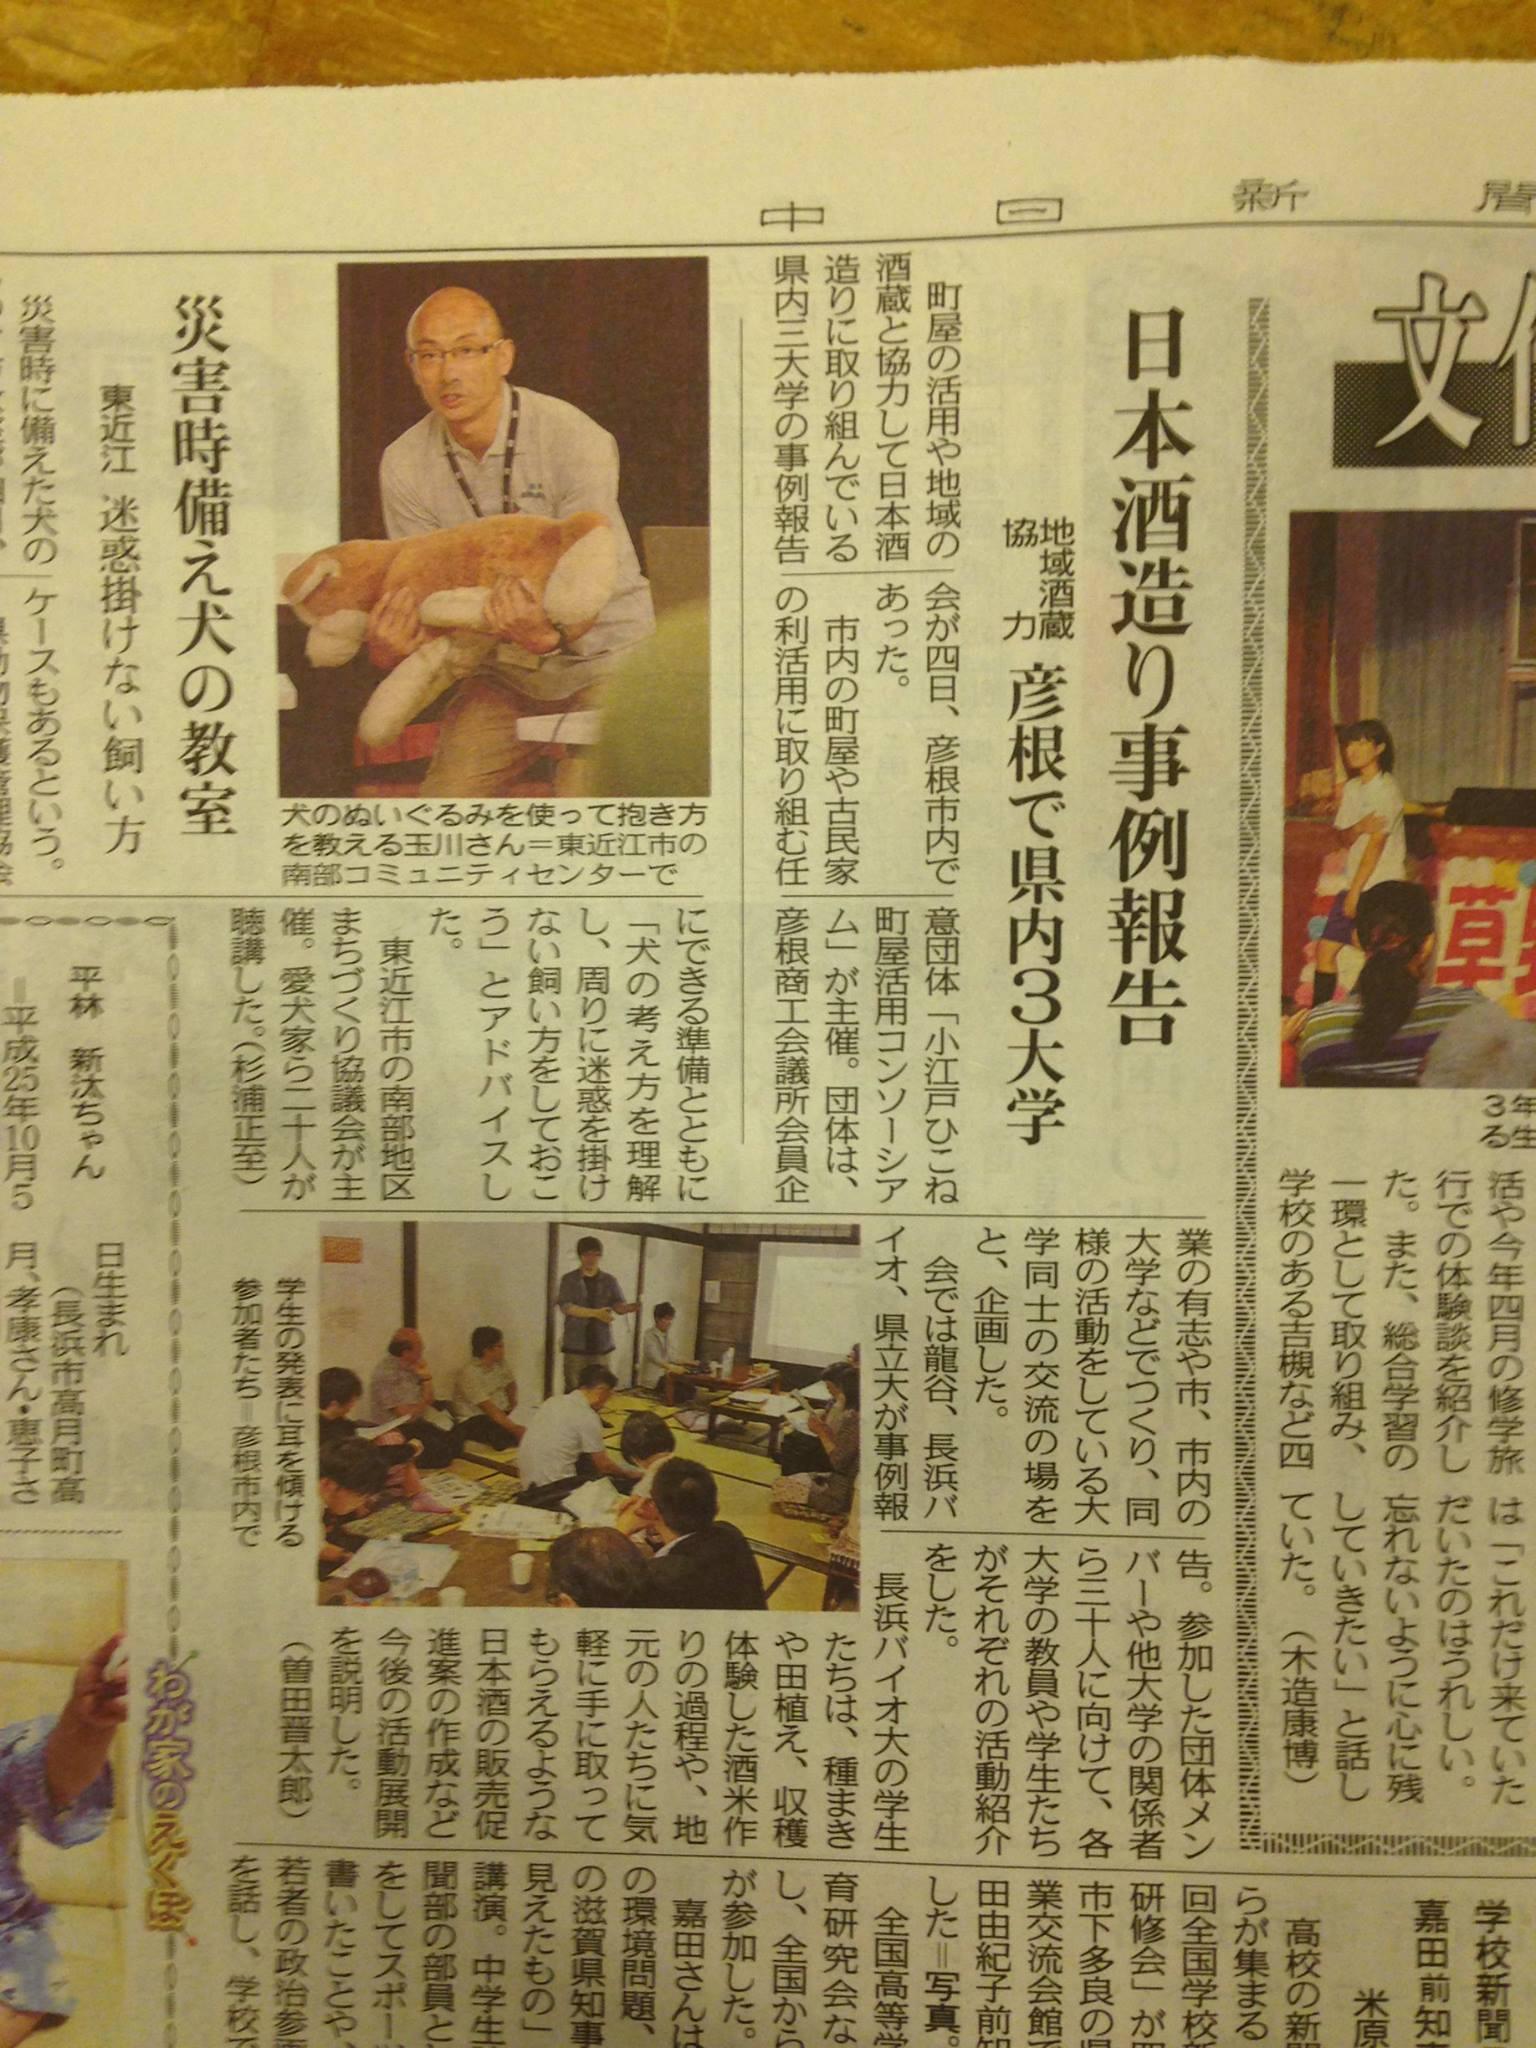 日本酒 町屋.jpg